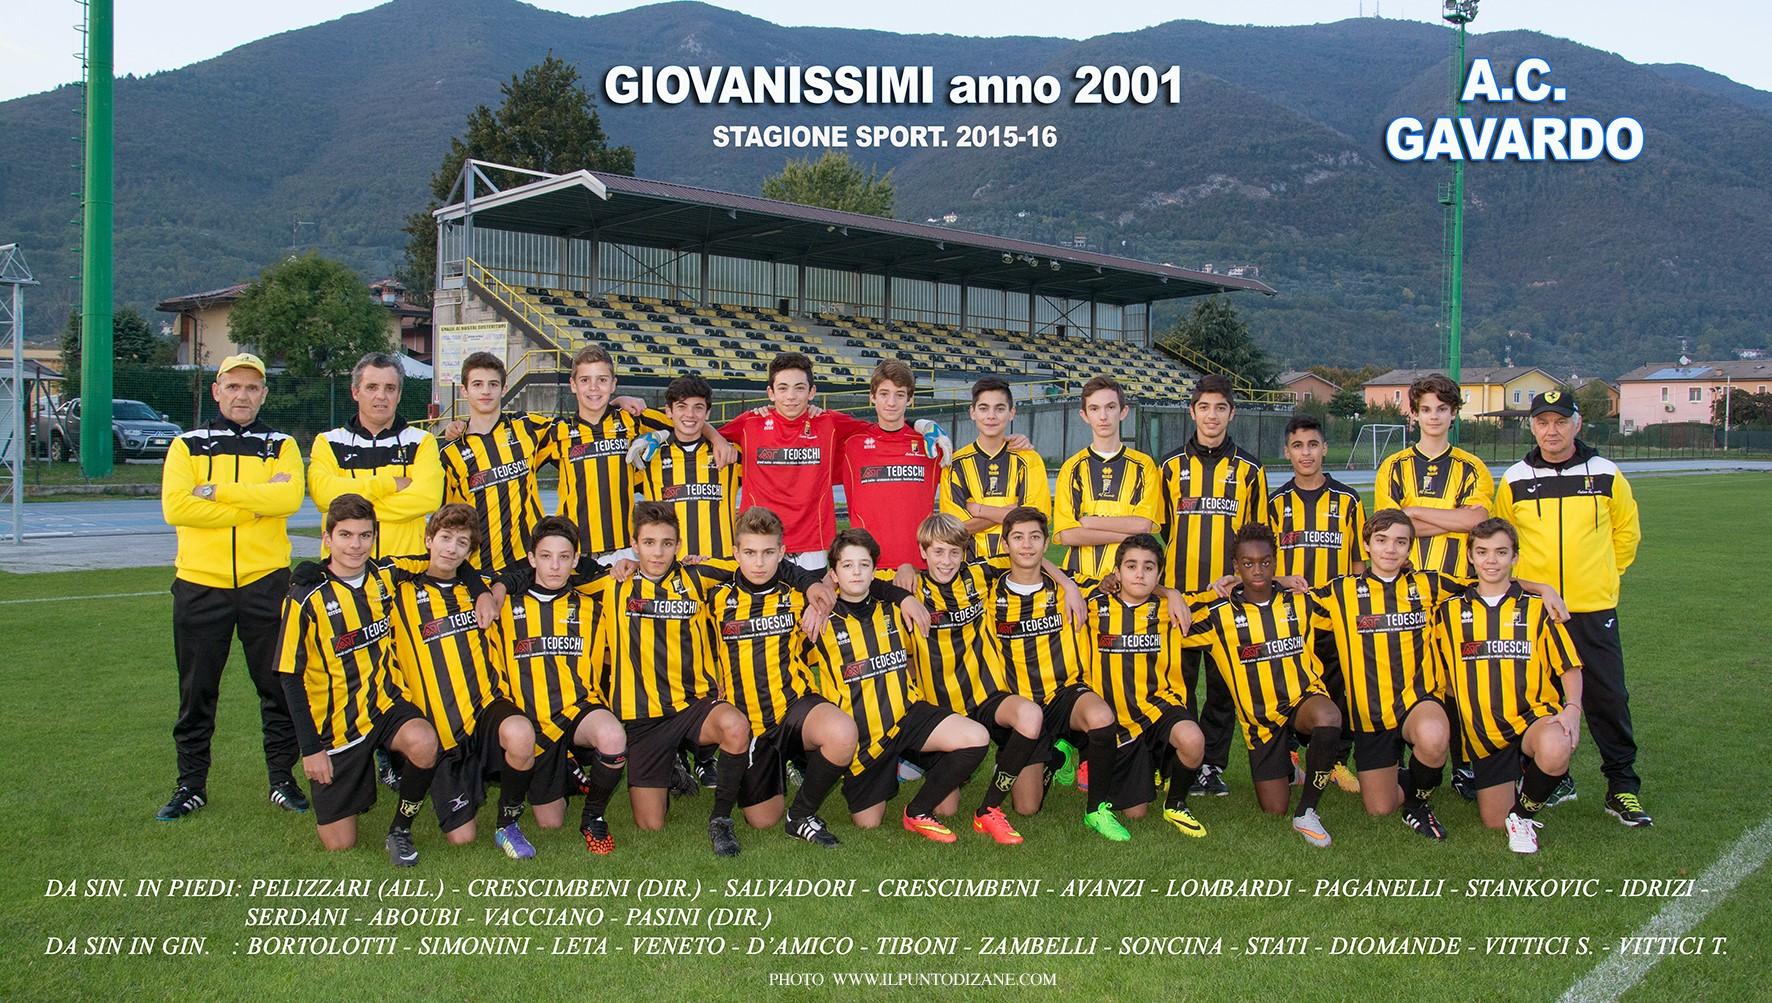 GIOVANISSIMI OK A 2001 (3)